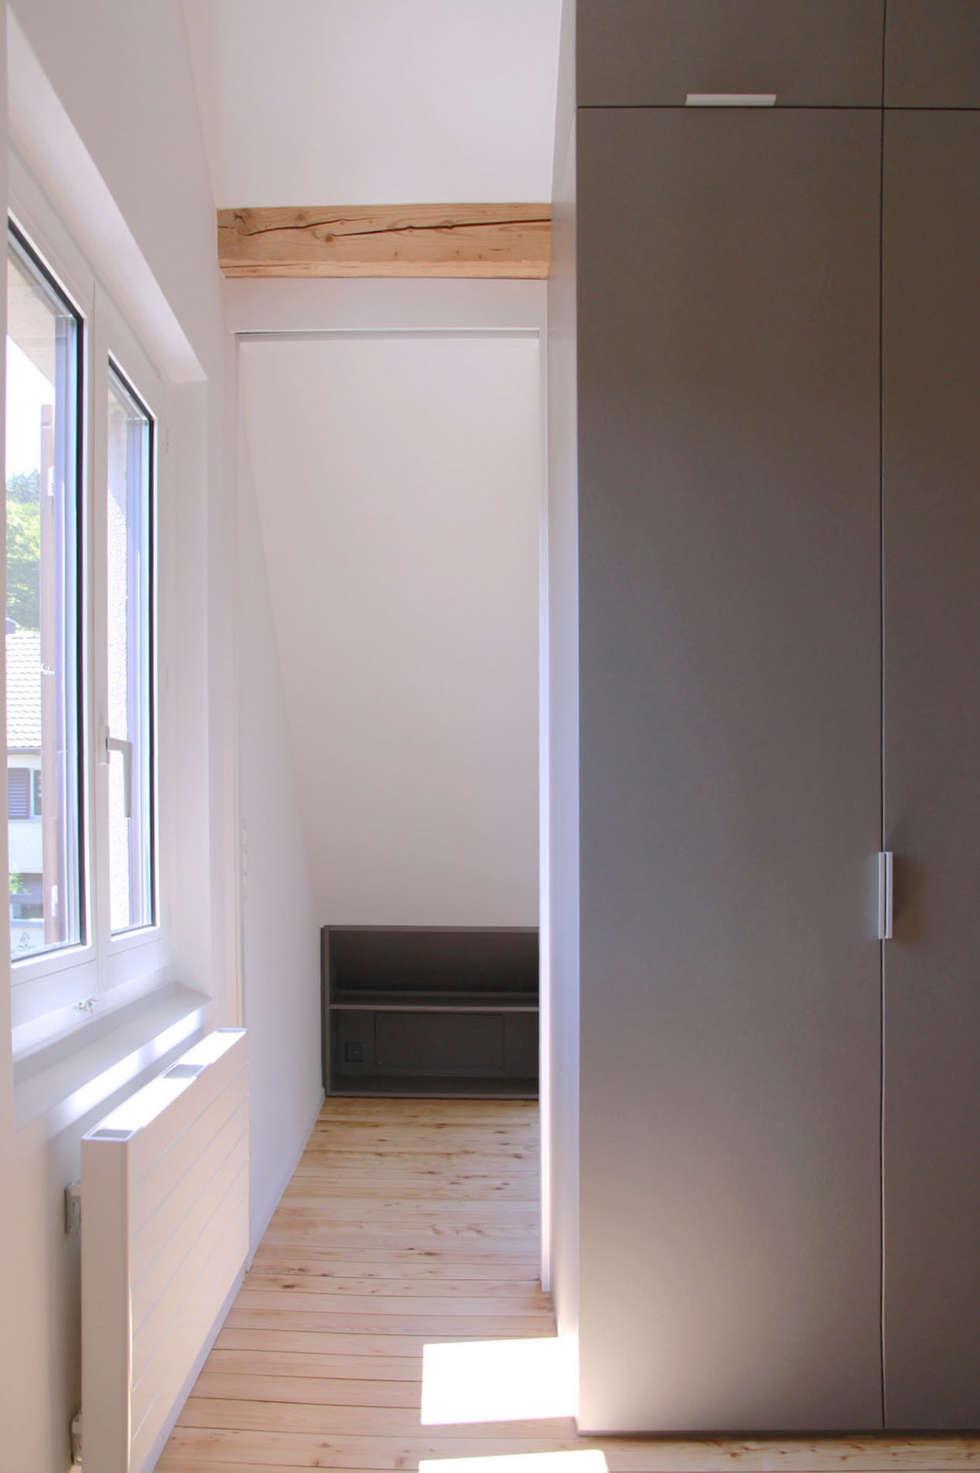 Ankleidezimmer dachgeschoss  Moderne Ankleidezimmer Bilder: Umbau Dachgeschoss mit Gauben | homify